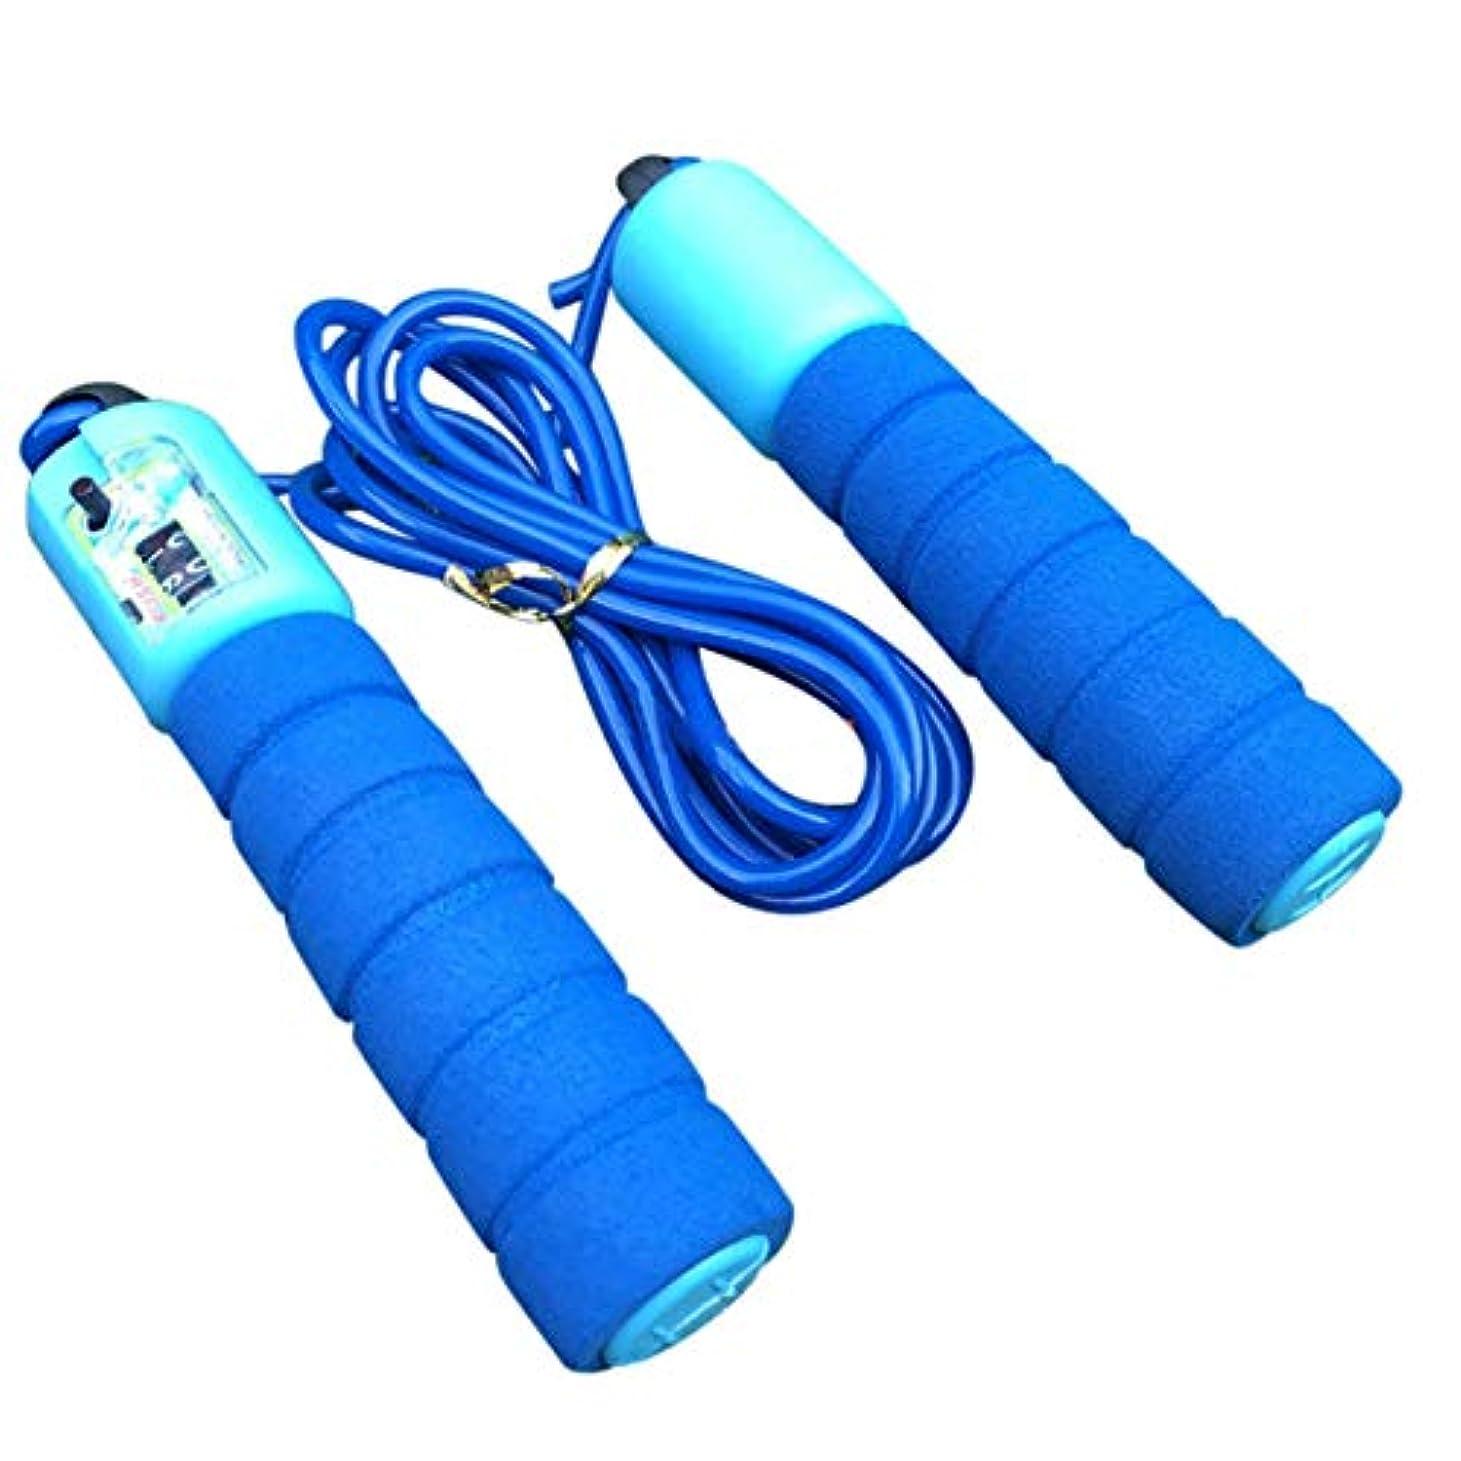 カウボーイ農業ワイヤー調整可能なプロフェッショナルカウント縄跳び自動カウントジャンプロープフィットネス運動高速カウントジャンプロープ - 青